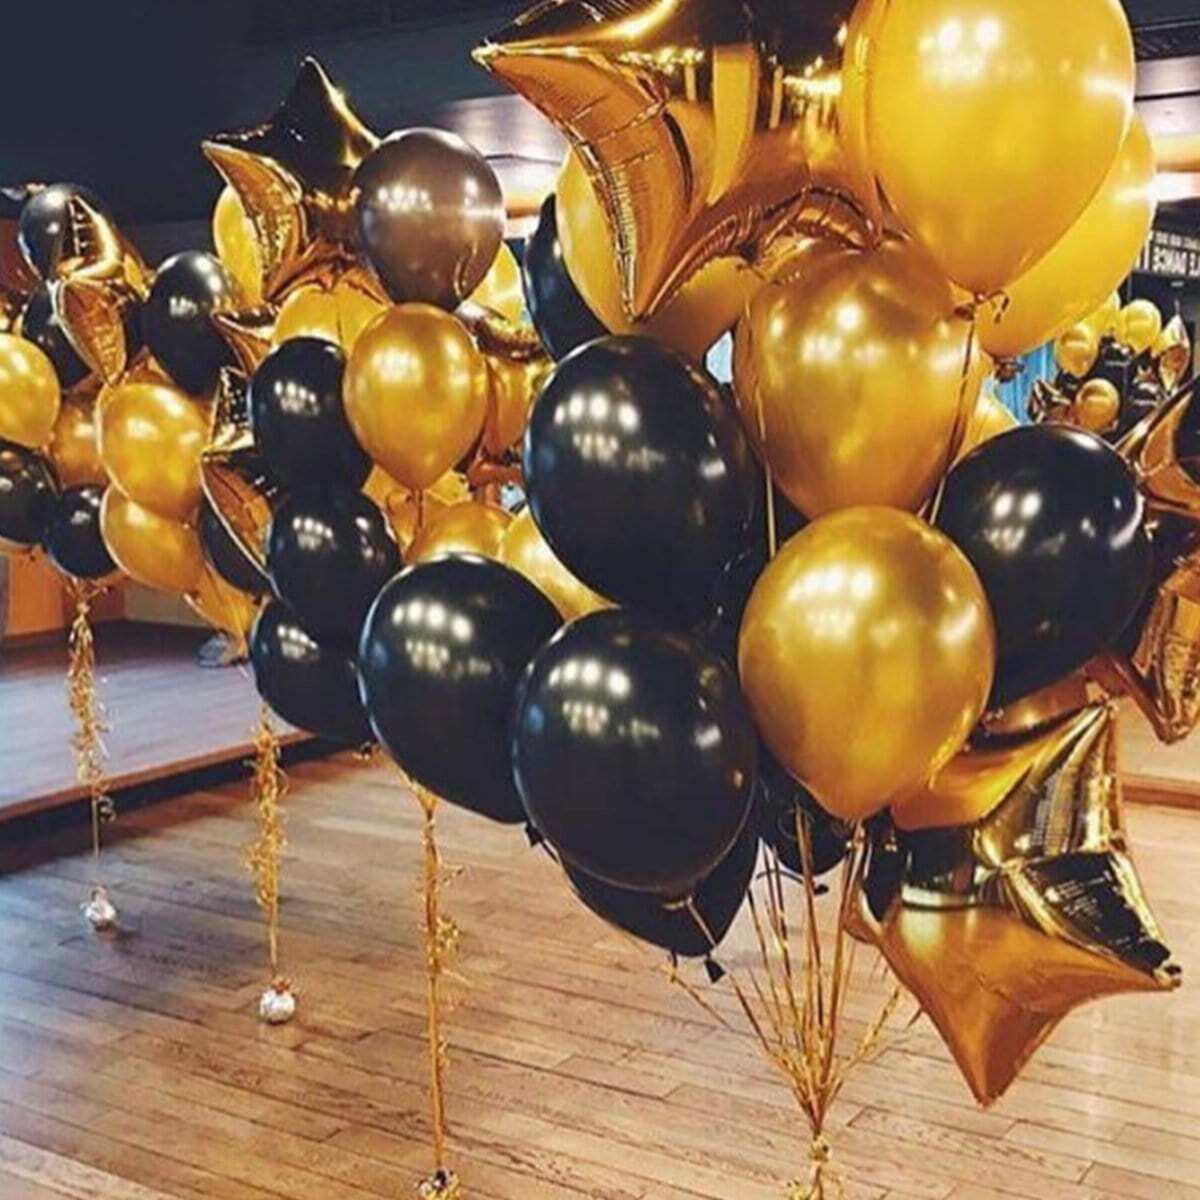 Случайный цветный круглый воздушный шар 10 шт и воздушный шар в форме звезды 3 шт фото